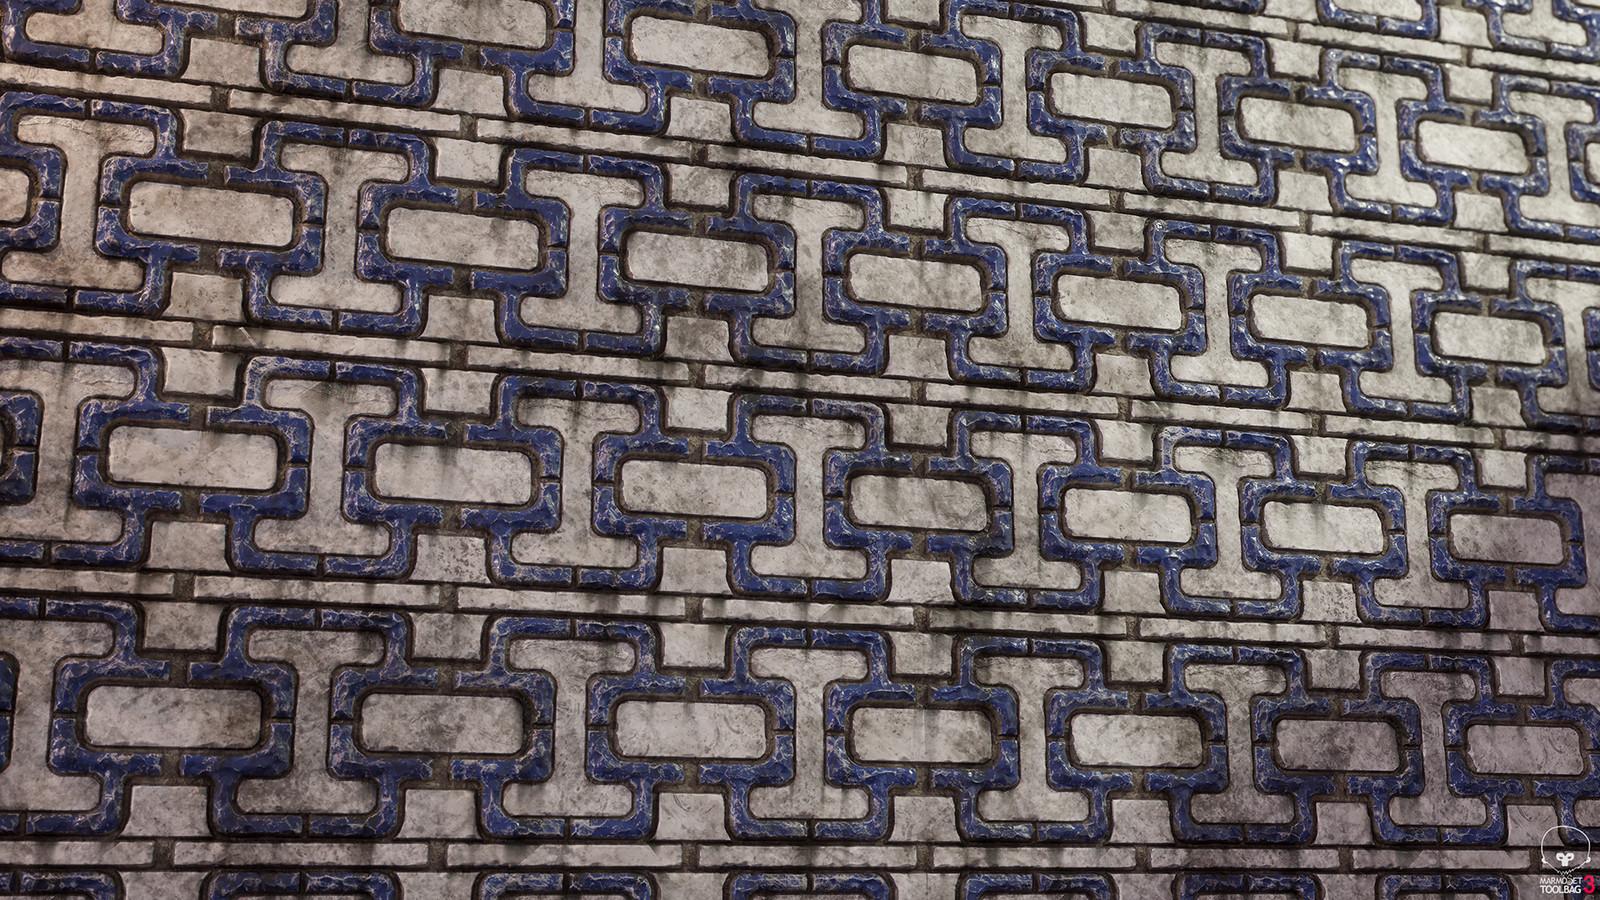 Trim Border Chinese ceramic